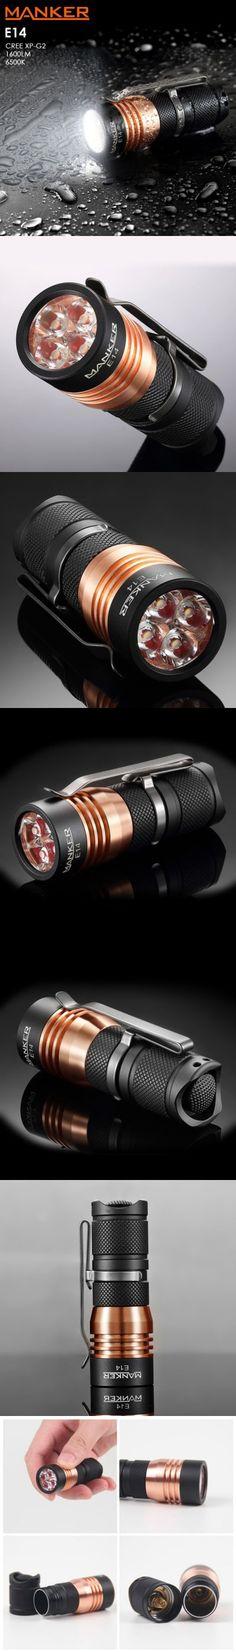 LED Flashlights   Manker E14 Mini EDC LED Flashlight $39.90